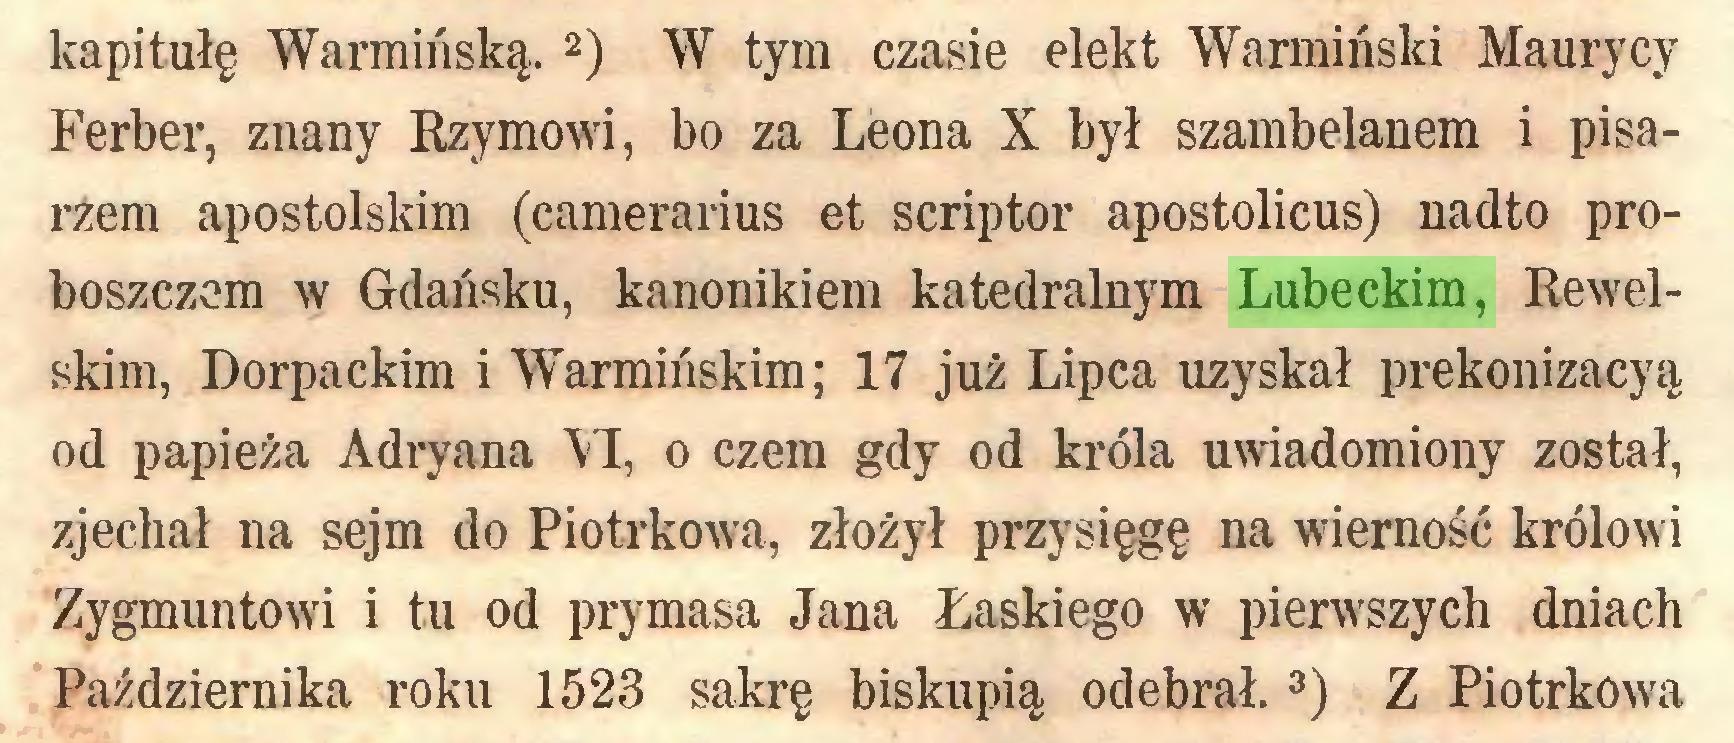 (...) kapitułę Warmińską.1  2) W tym czasie elekt Warmiński Maurycy Ferber, znany Rzymowi, bo za Leona X był szambelanem i pisarzem apostolskim (camerarius et scriptor apostolicus) nadto proboszczem w Gdańsku, kanonikiem katedralnym Lubeckim, Rewelskim, Dorpackim i Warmińskim; 17 już Lipca uzyskał prekonizacyą od papieża Adryana VI, o czem gdy od króla uwiadomiony został, zjechał na sejm do Piotrkowa, złożył przysięgę na wierność królowi Zygmuntowi i tu od prymasa Jana Łaskiego w pierwszych dniach Października roku 1523 sakrę biskupią odebrał.3) Z Piotrkowa...